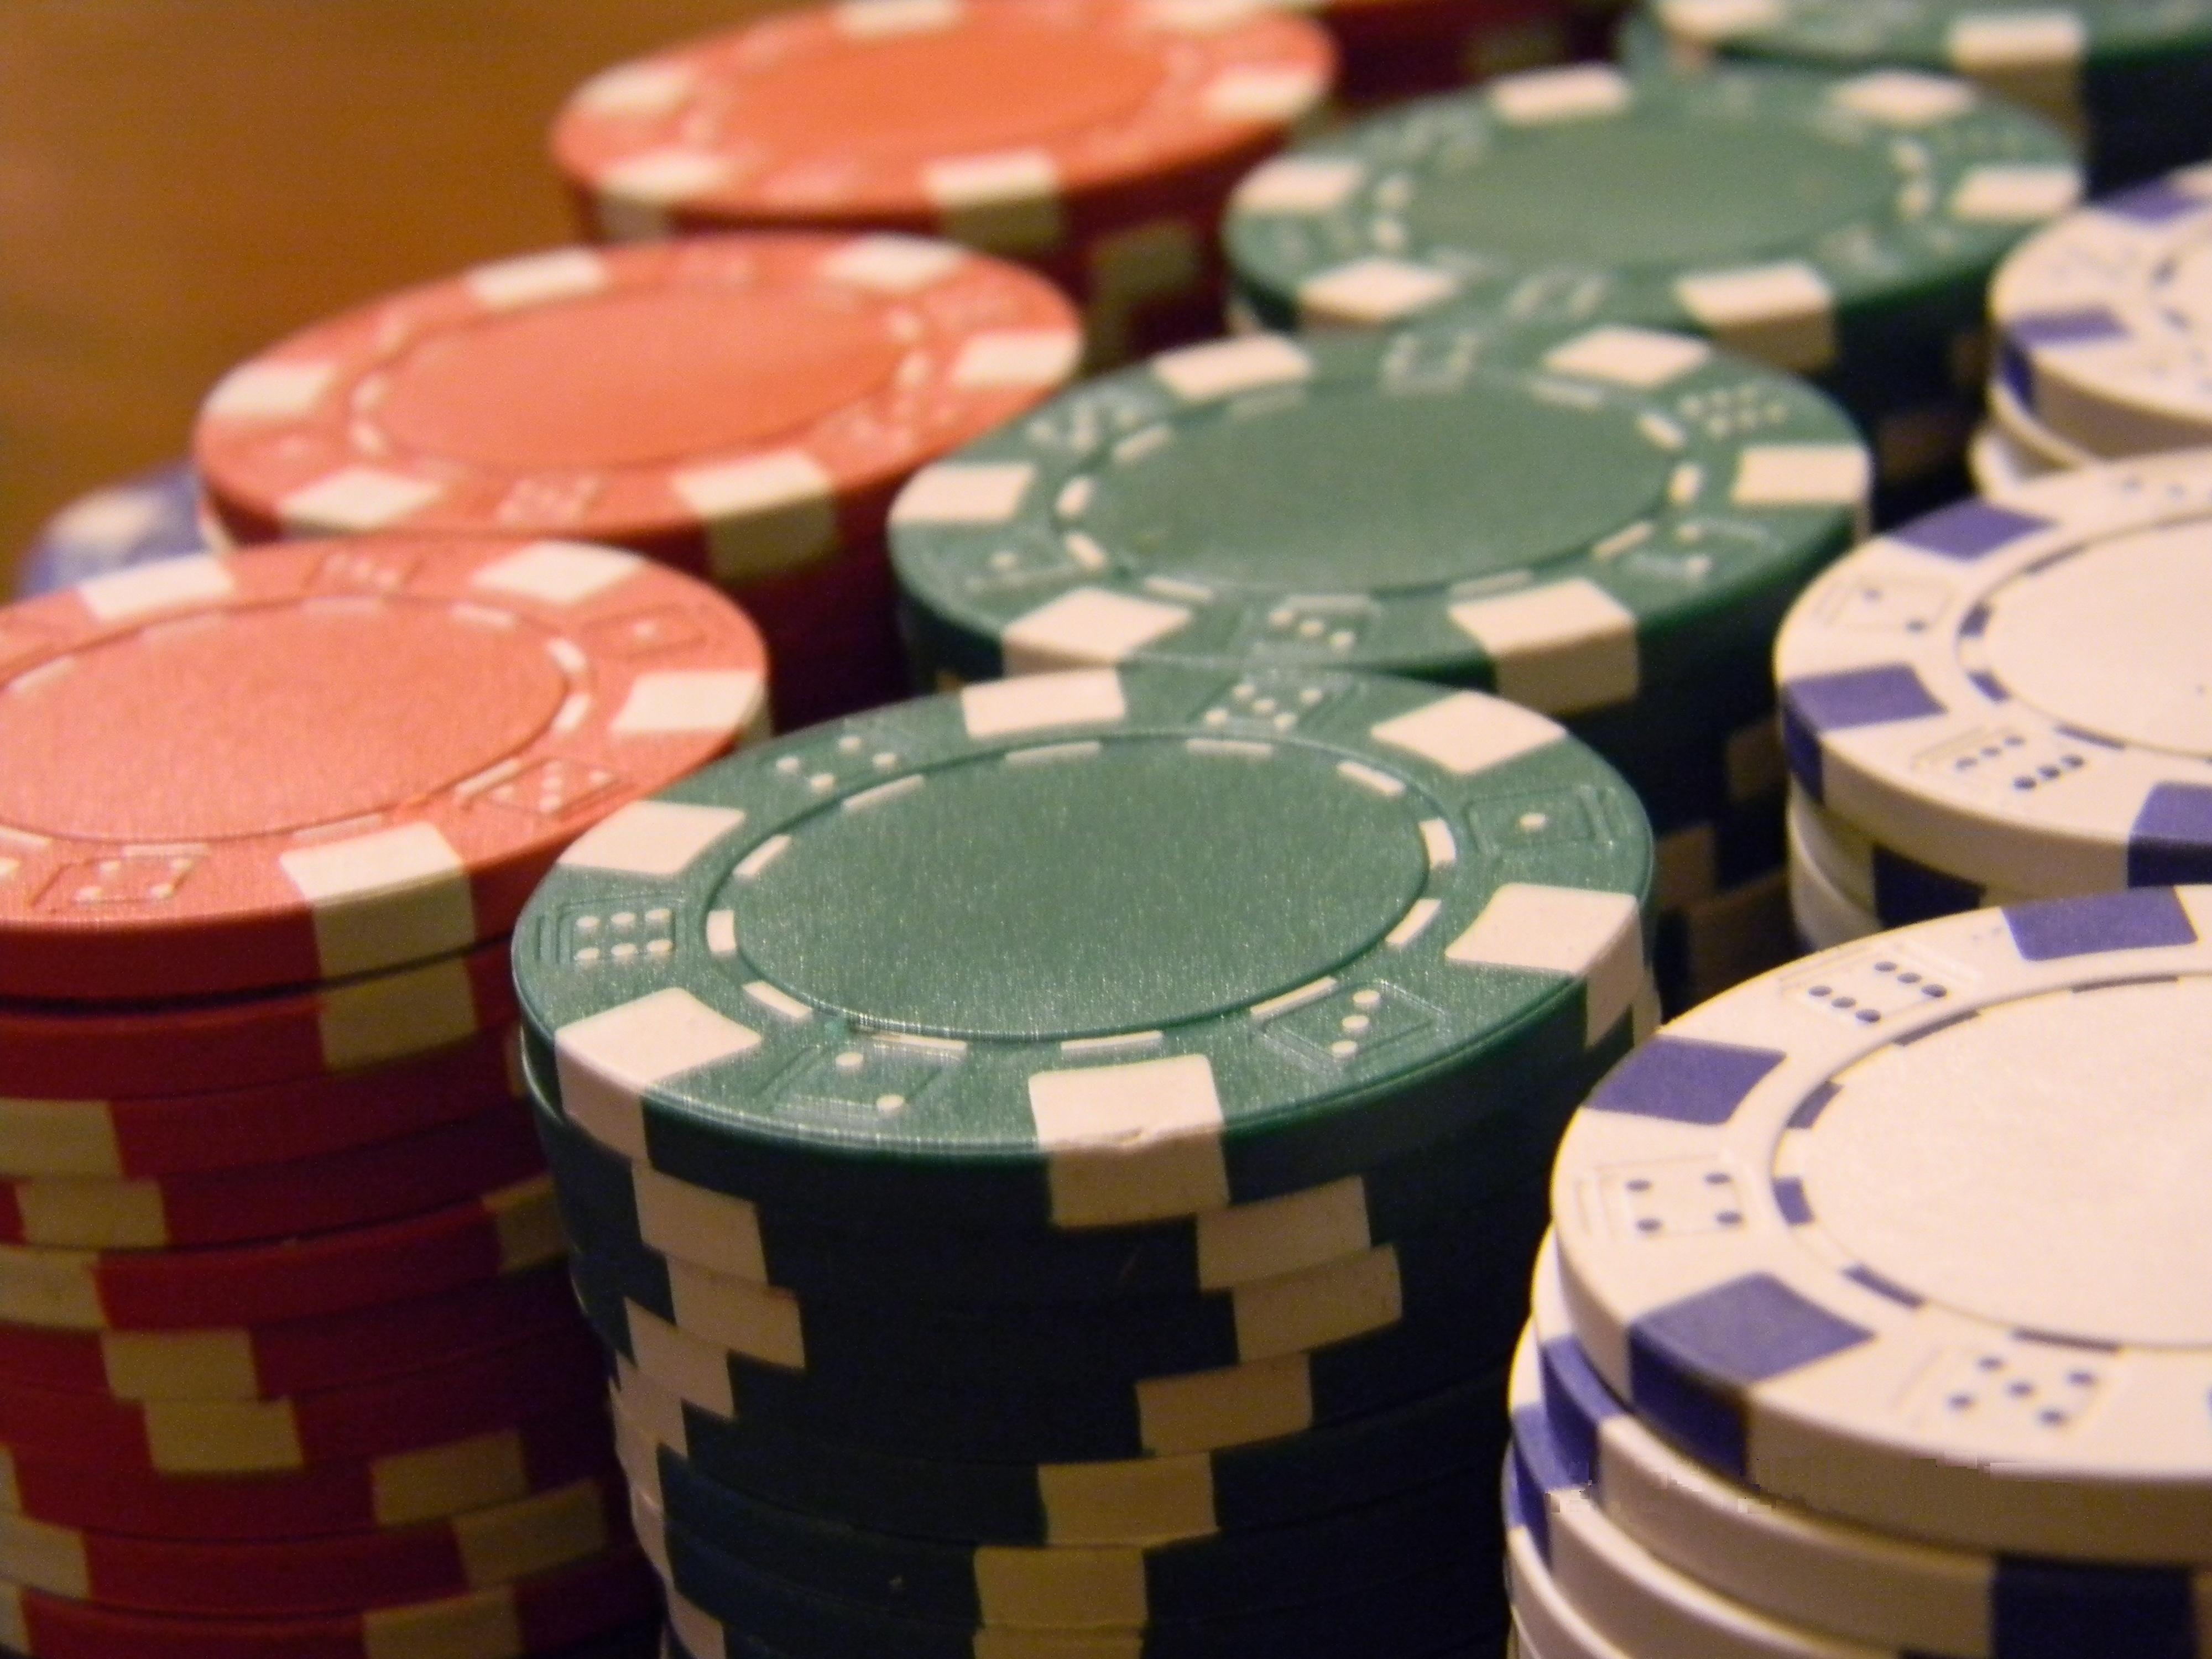 File:Poker chips 2.jpg - Wikimedia Commons